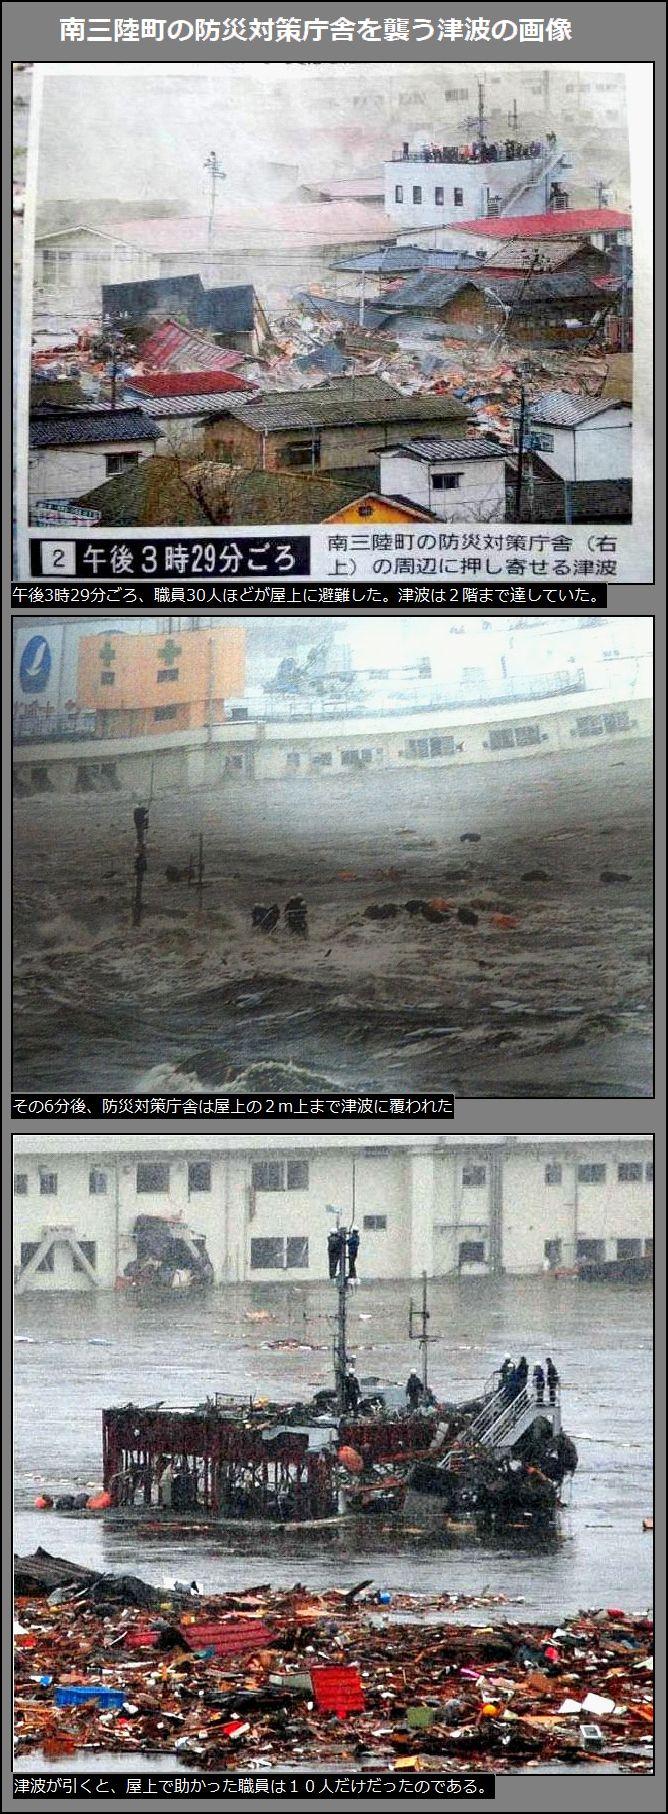 バイクで帰青!【5/14】 三陸被災地巡り~仙台の夜_d0061678_14165562.jpg